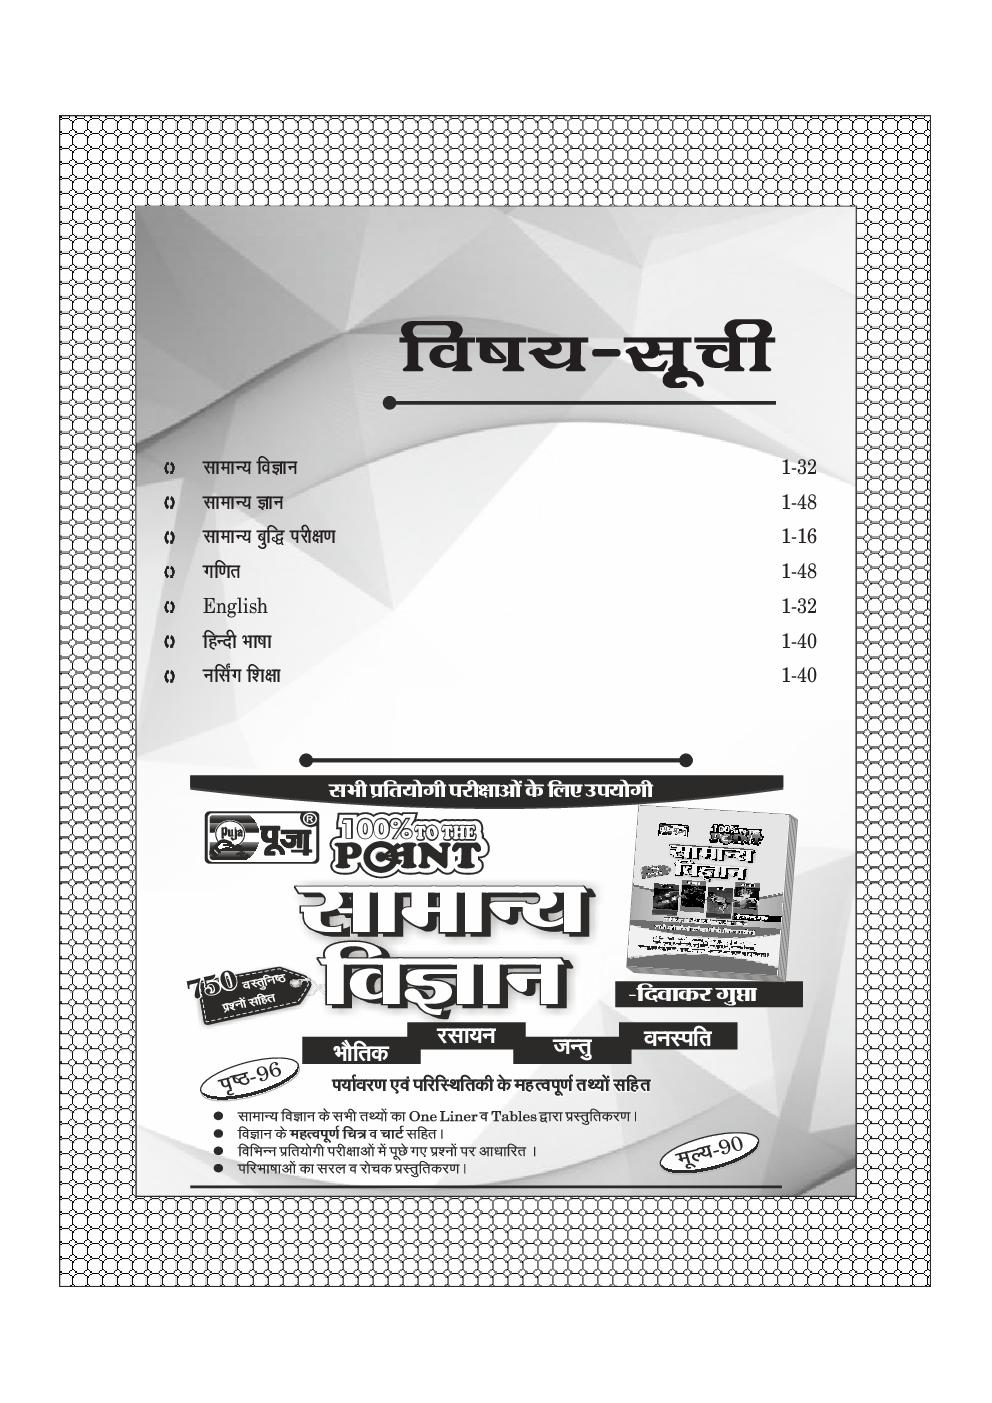 Puja ए.एन.एम. चयन परीक्षा - Page 4